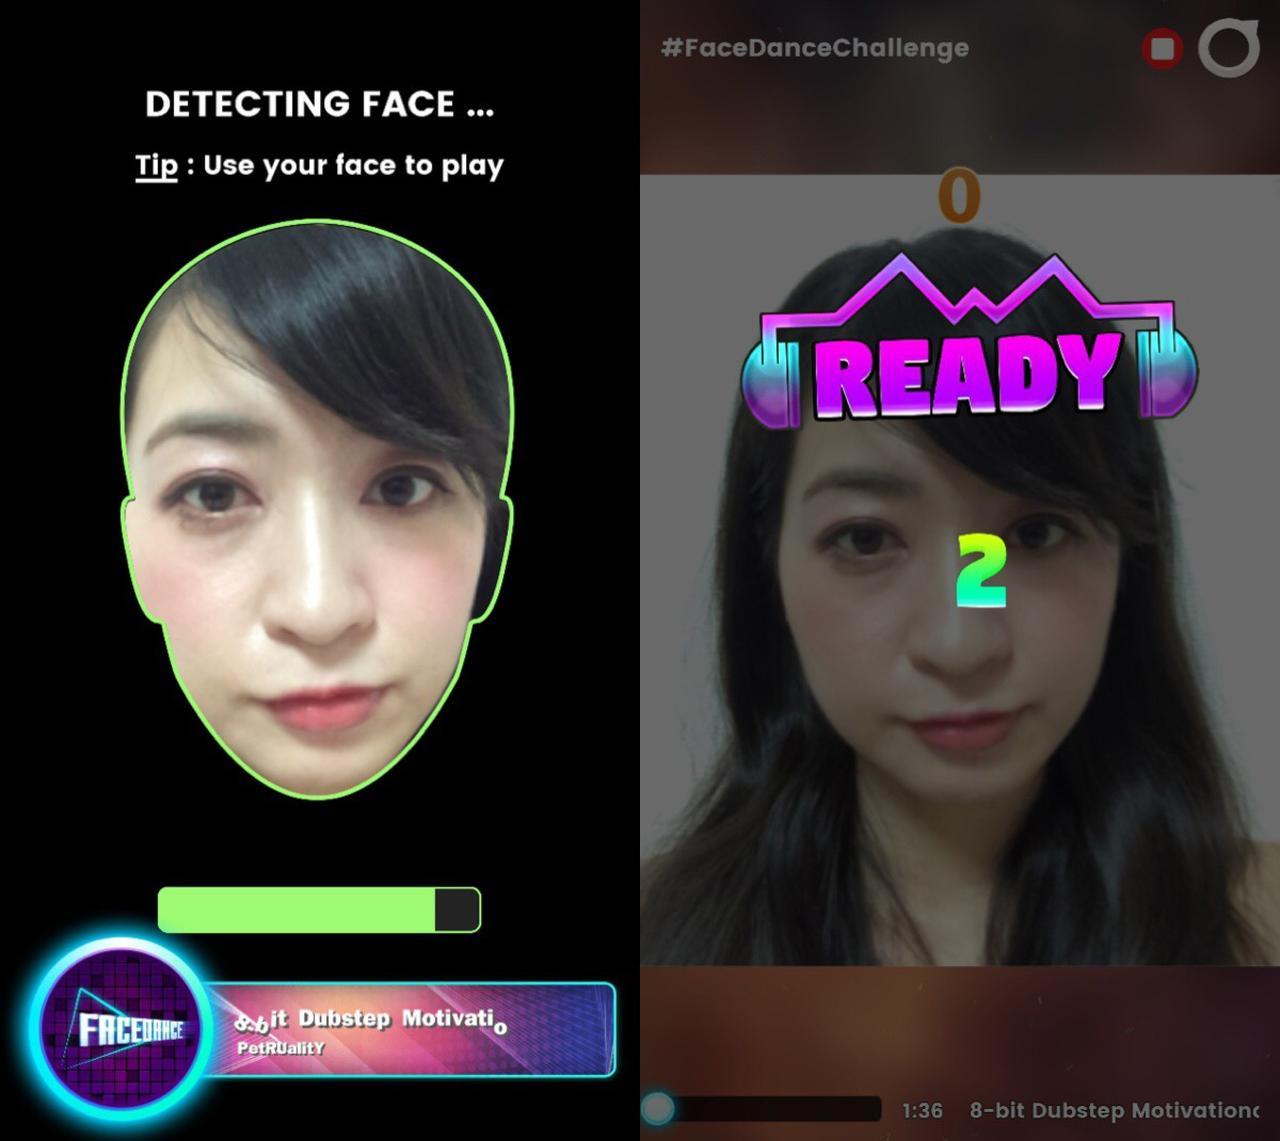 画像2: 好きな曲を選んで顔認識したらスタート!